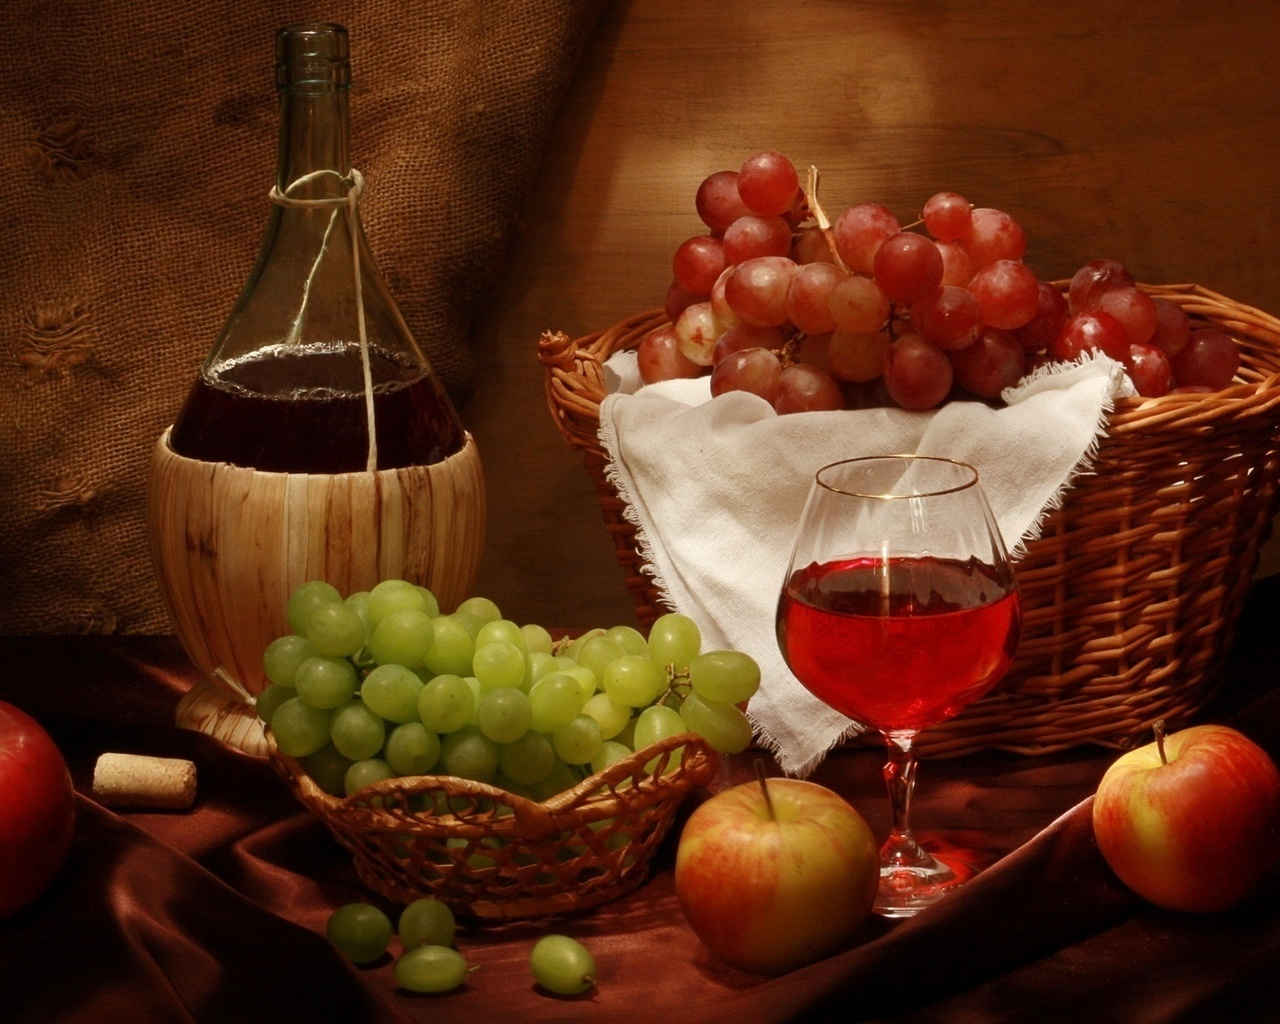 Картинки, открытка с фруктами и вином